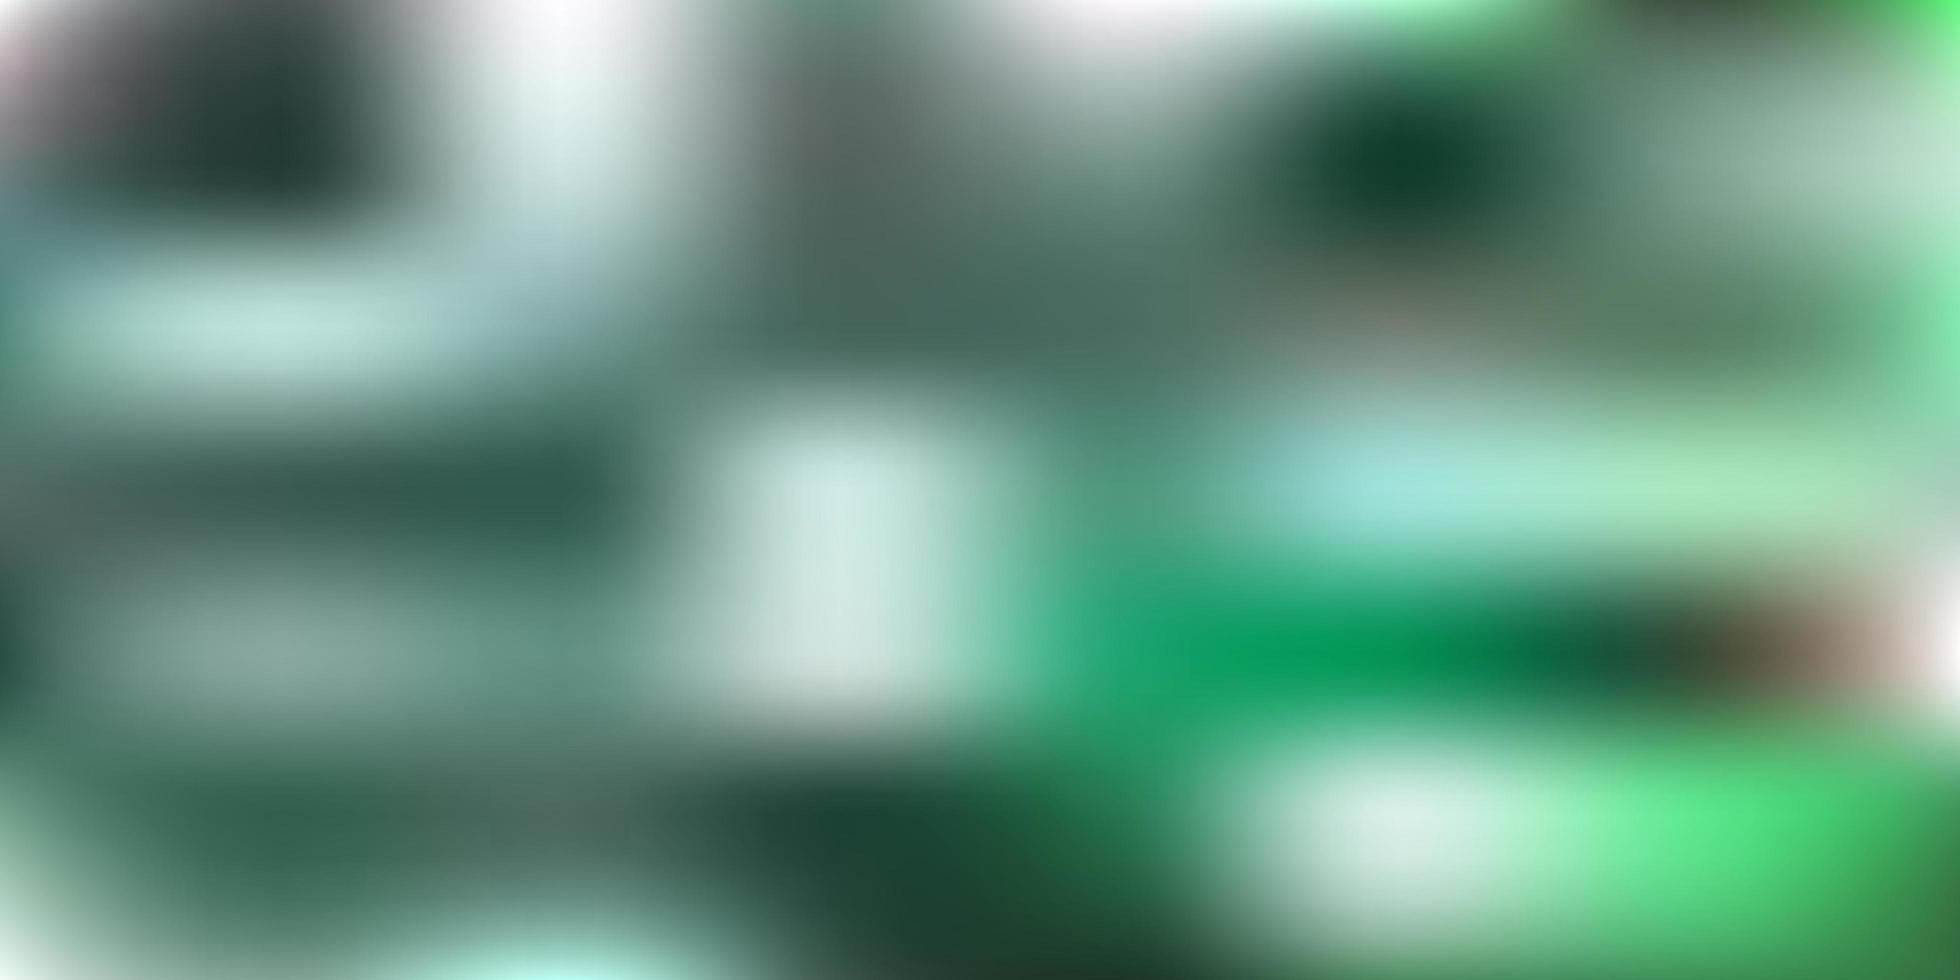 sfondo sfocato vettoriale verde scuro.